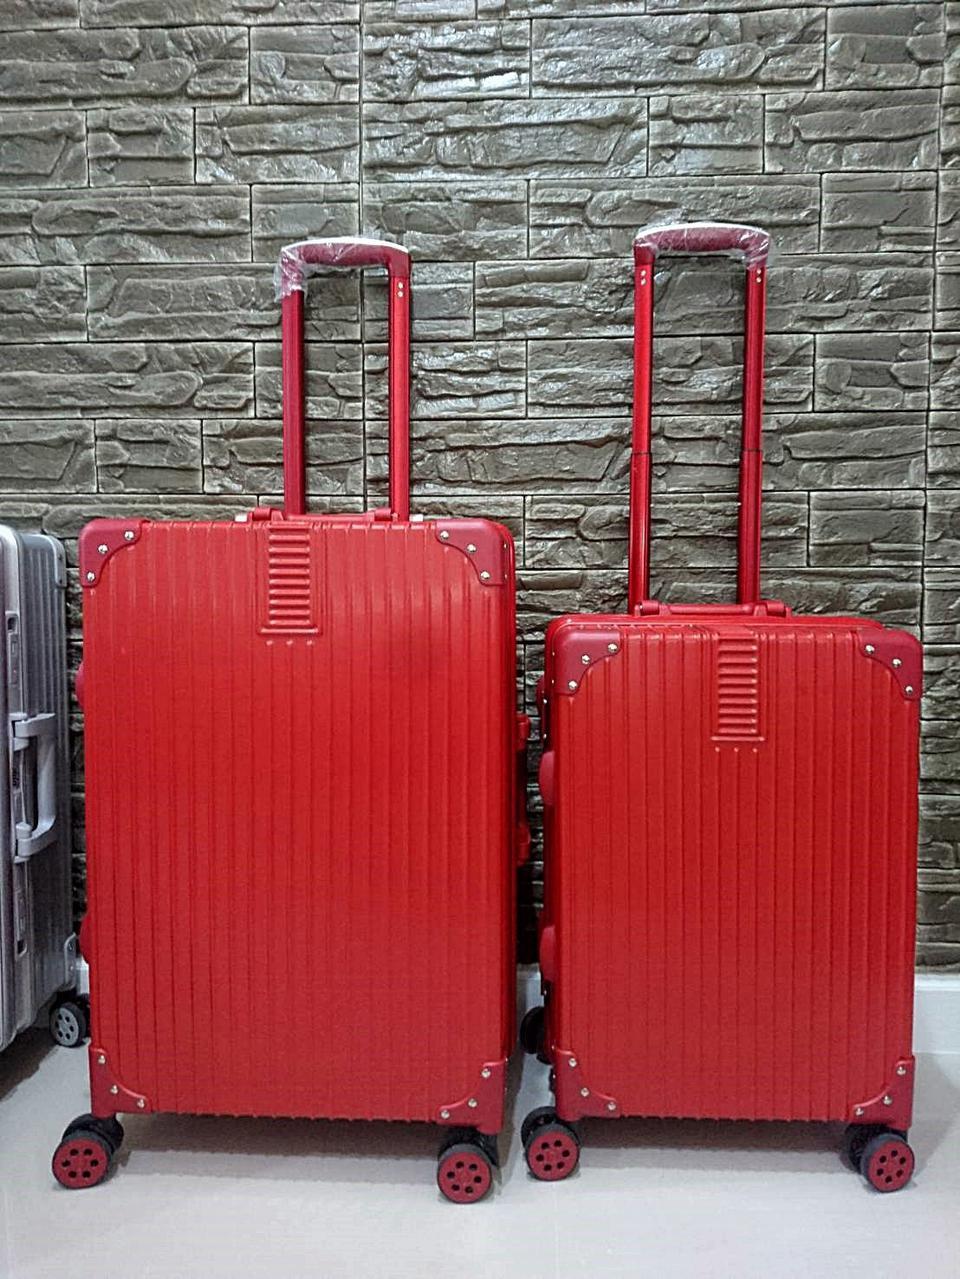 กระเป๋าเดินทาง ขอบอลูมิเนียม รุ่น คัลเลอร์ฟูล รูปที่ 6